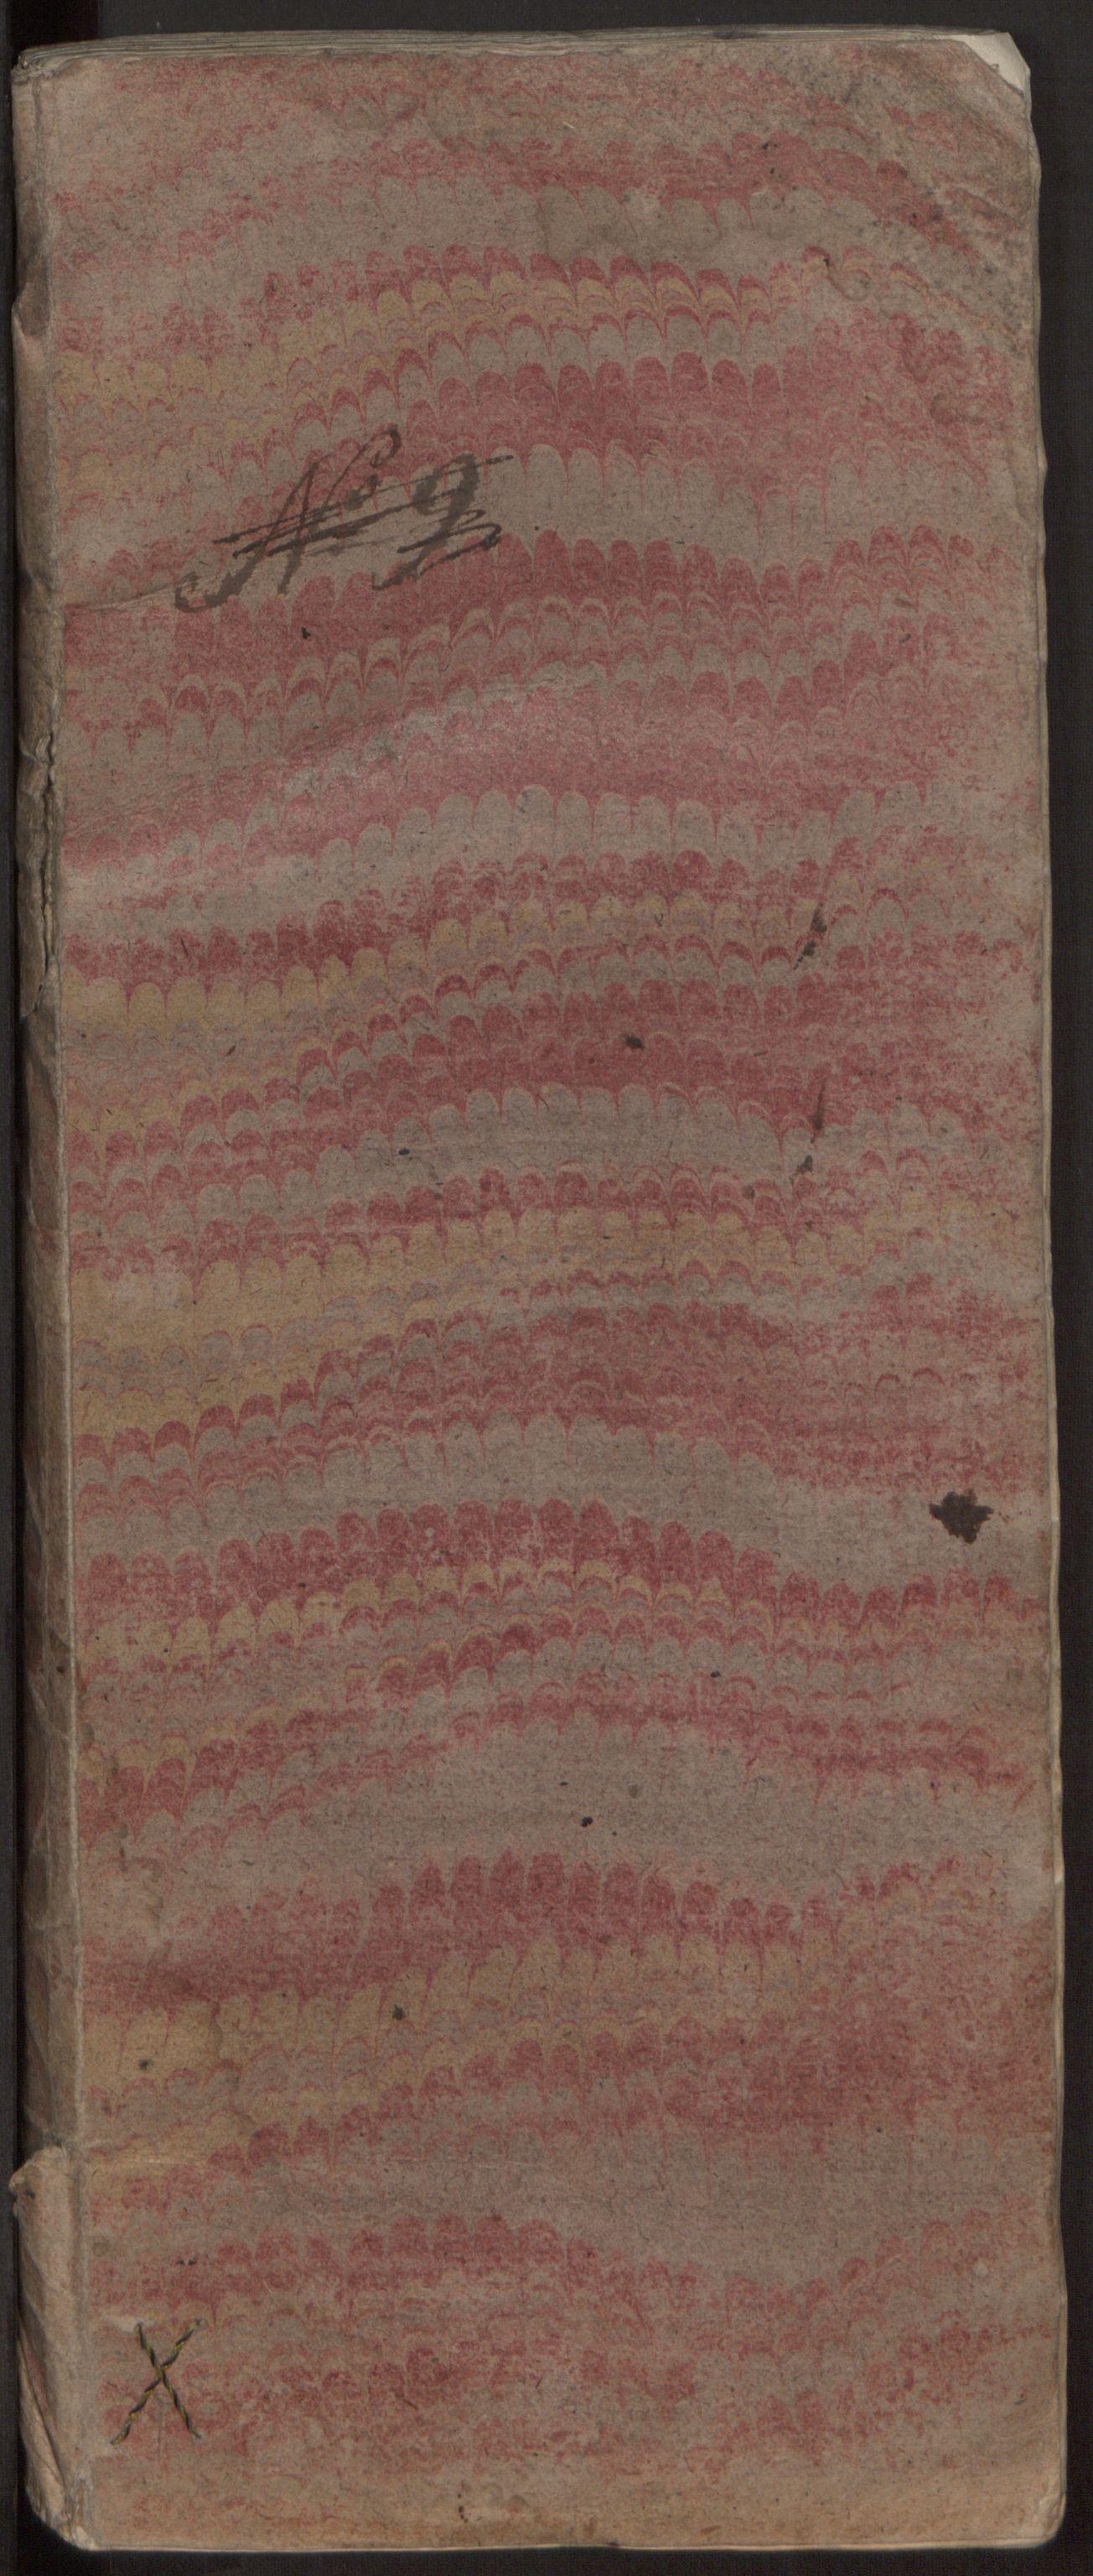 RA, Rentekammeret inntil 1814, Reviderte regnskaper, Fogderegnskap, R51/L3304: Ekstraskatten Nordhordland og Voss, 1762-1772, s. 2